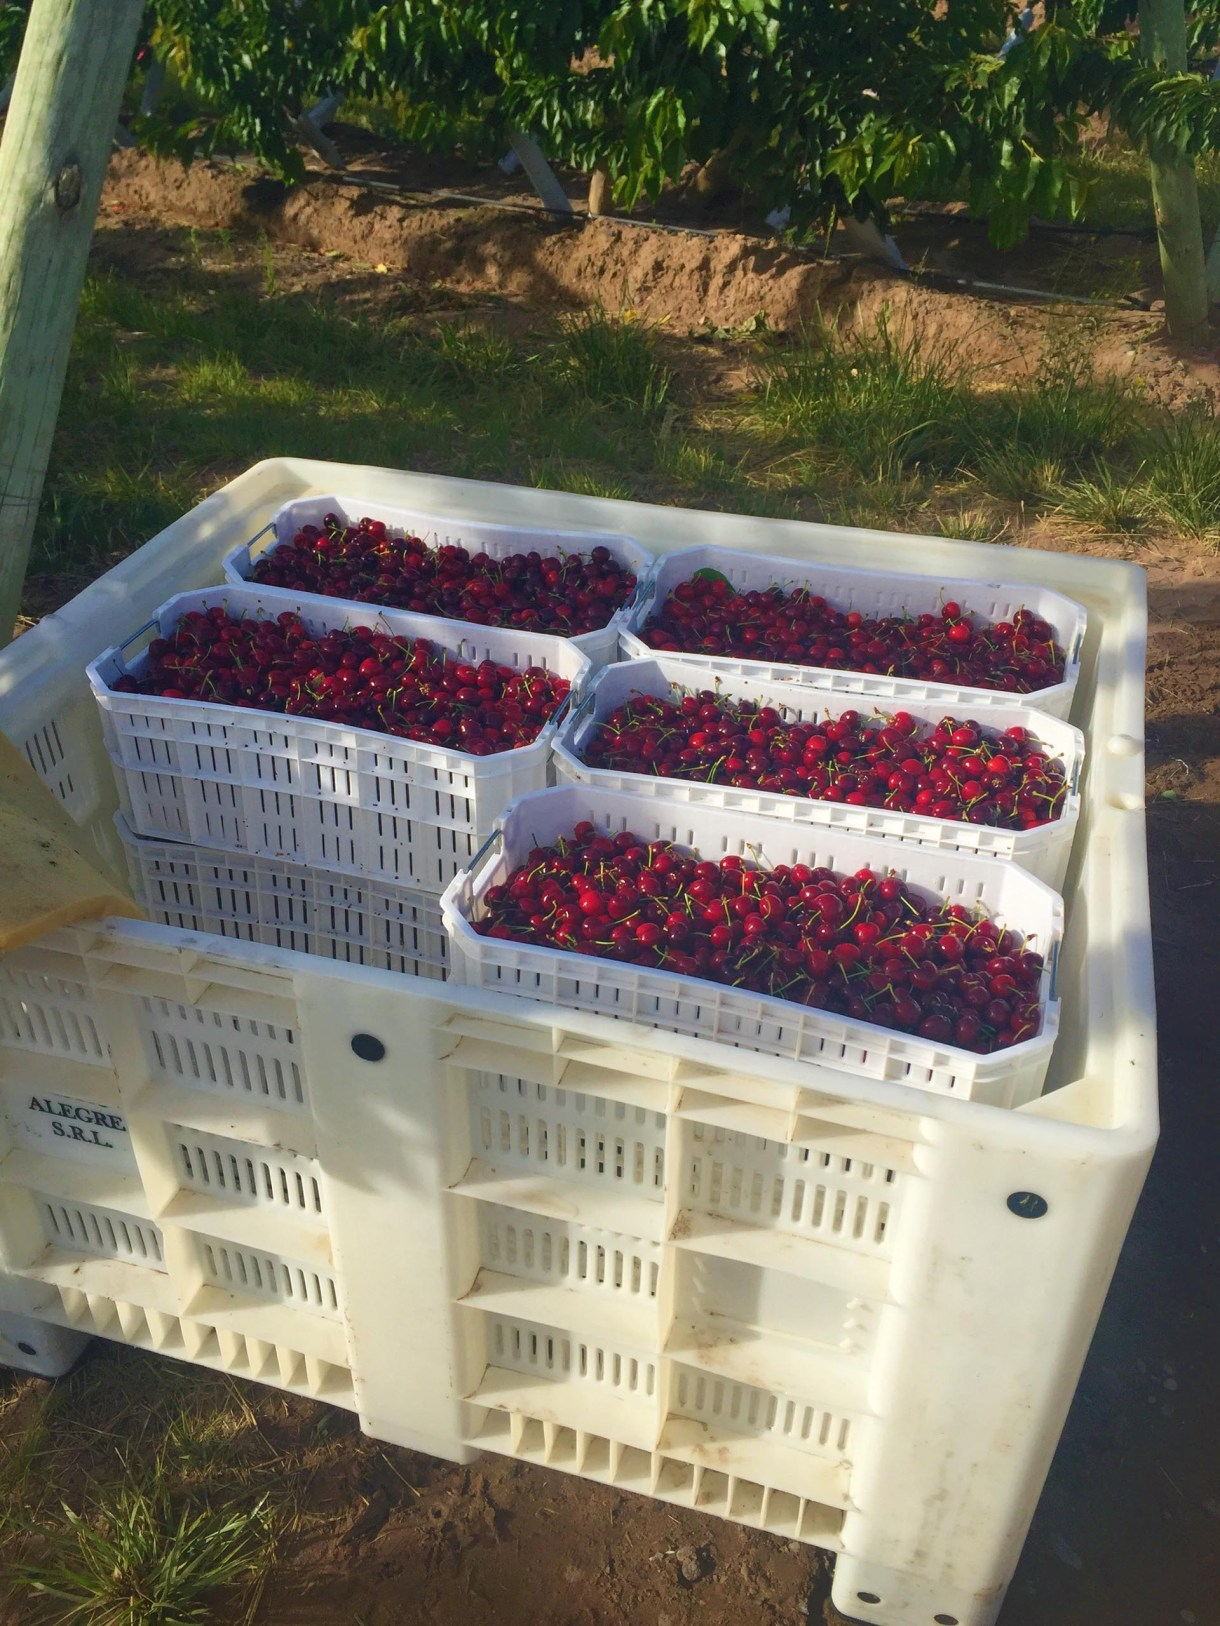 El candidato a gobernador de Neuquén quiere incrementar las exportaciones de fruta y empoderar a la vitivinicultura